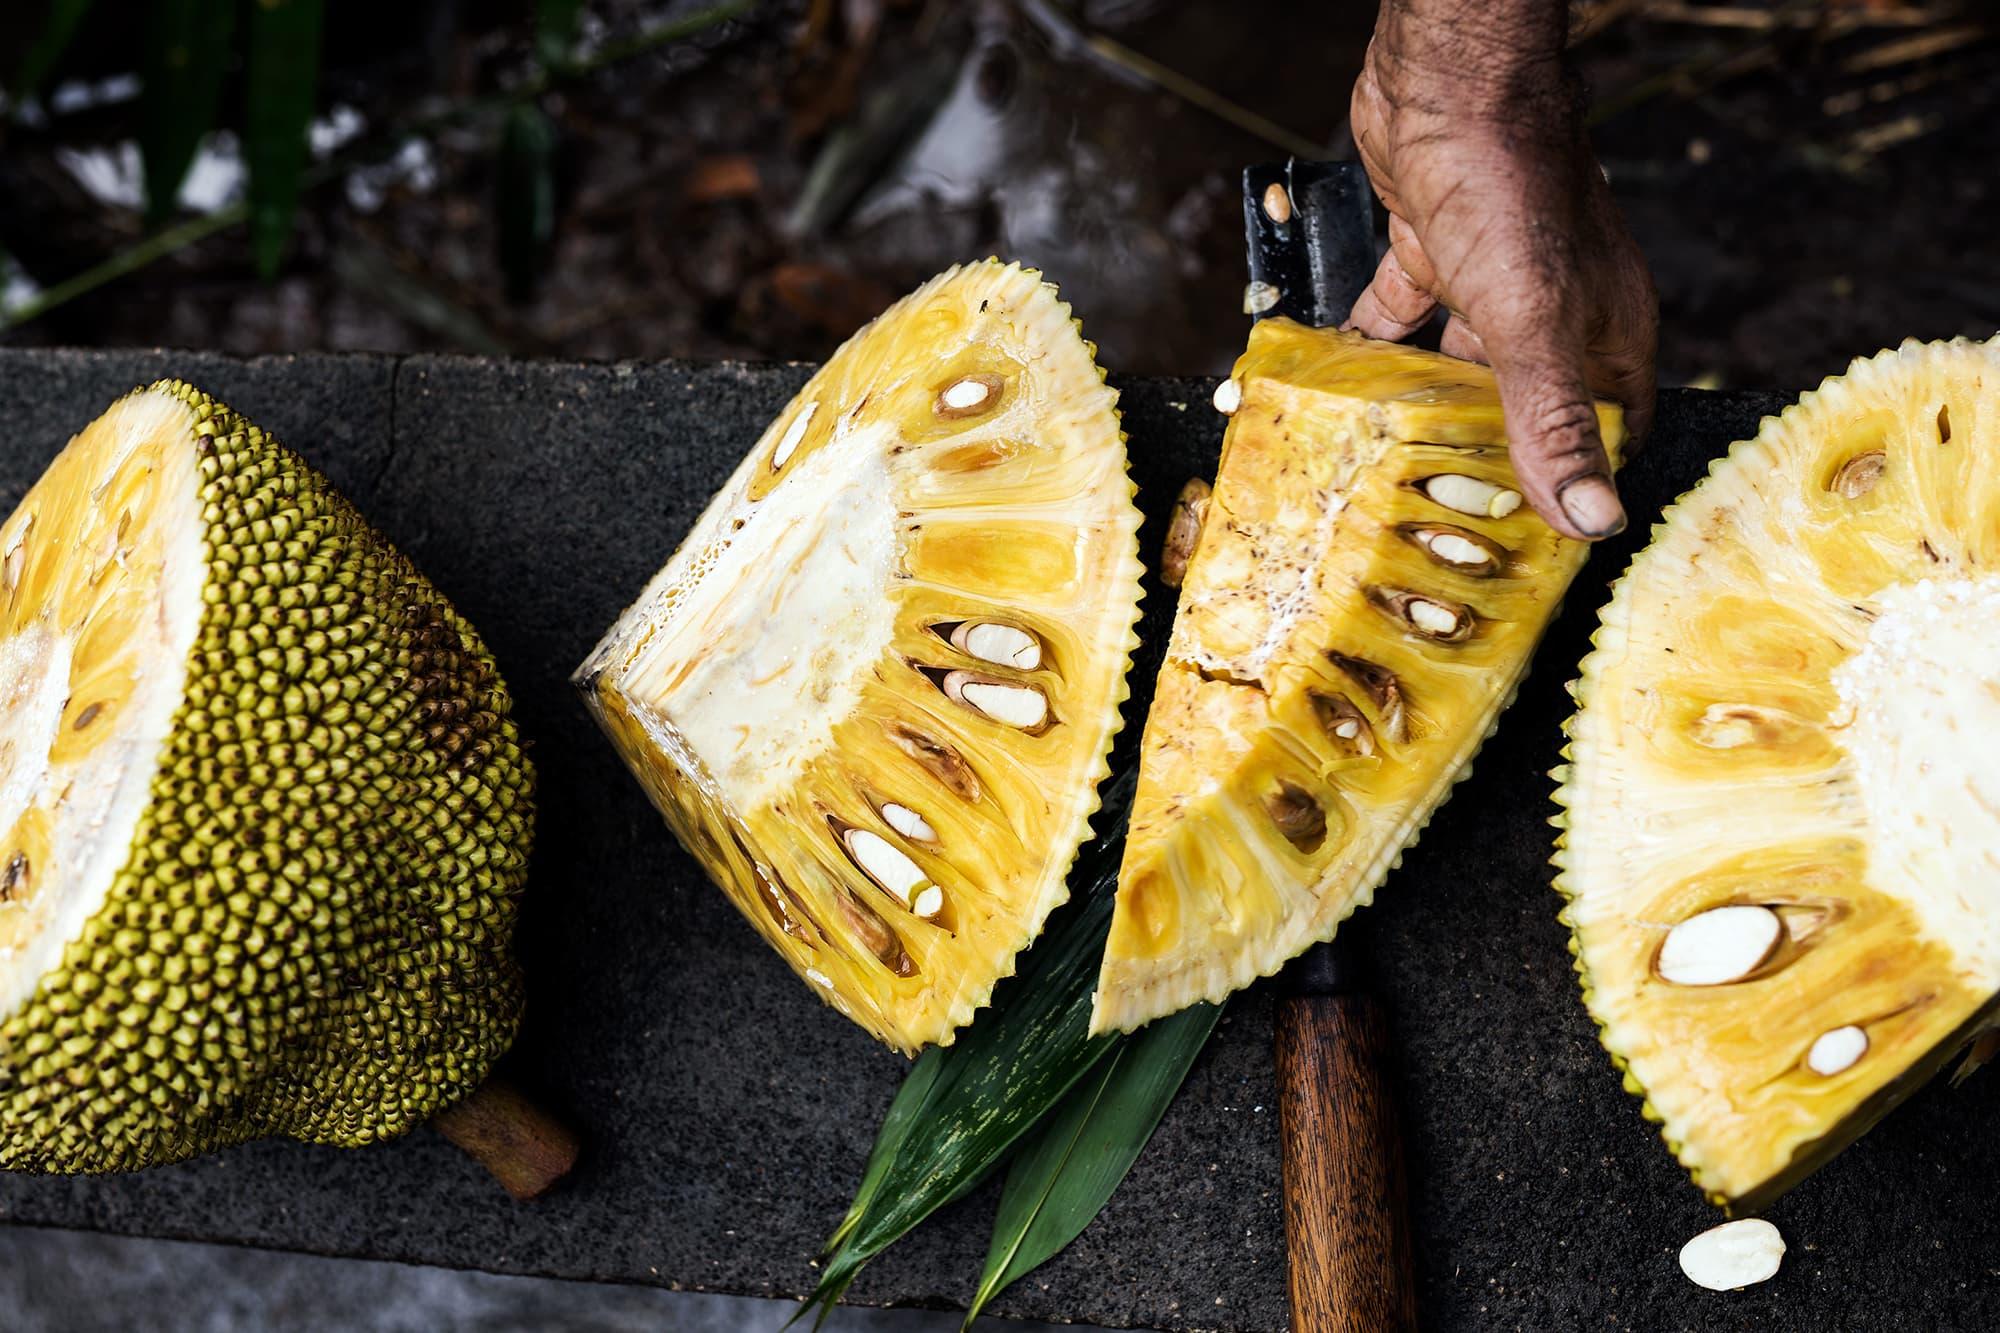 Jackfruits cut open in Sri Lanka